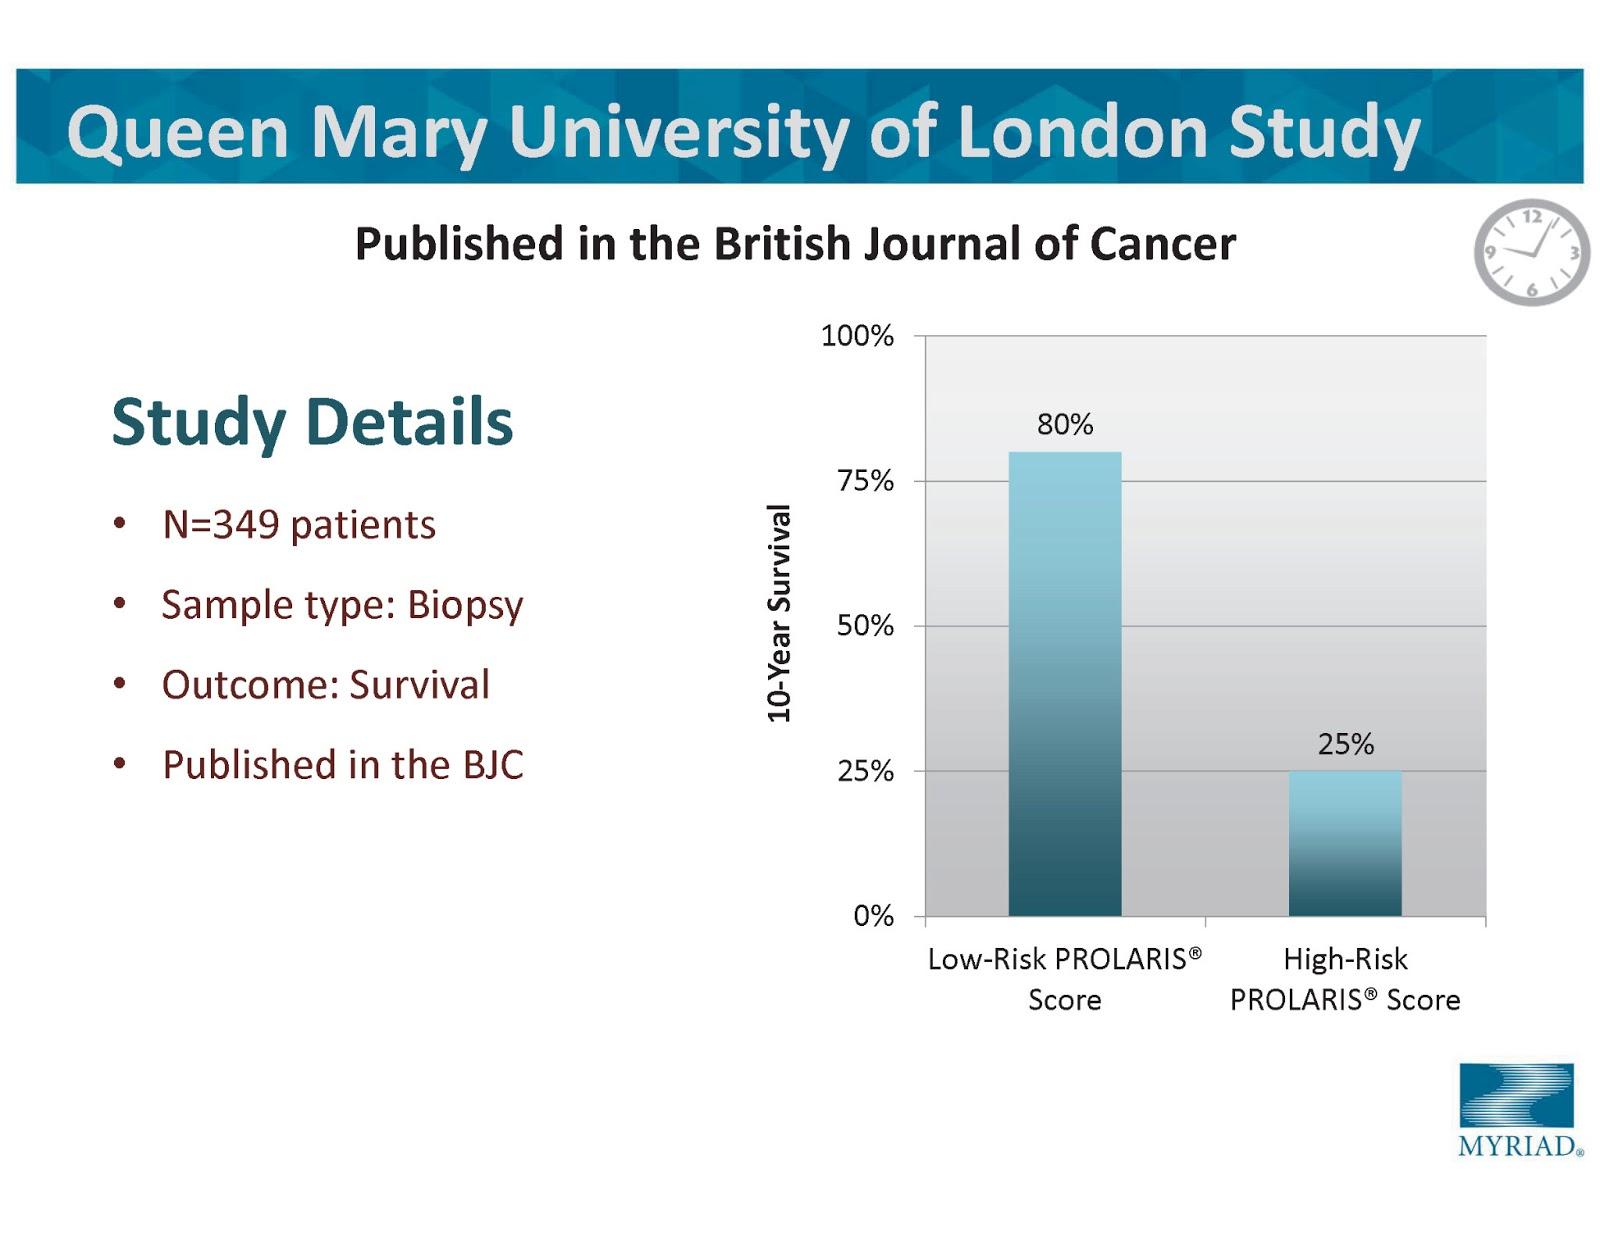 Las pruebas genéticas predicen la recurrencia del cáncer de próstata